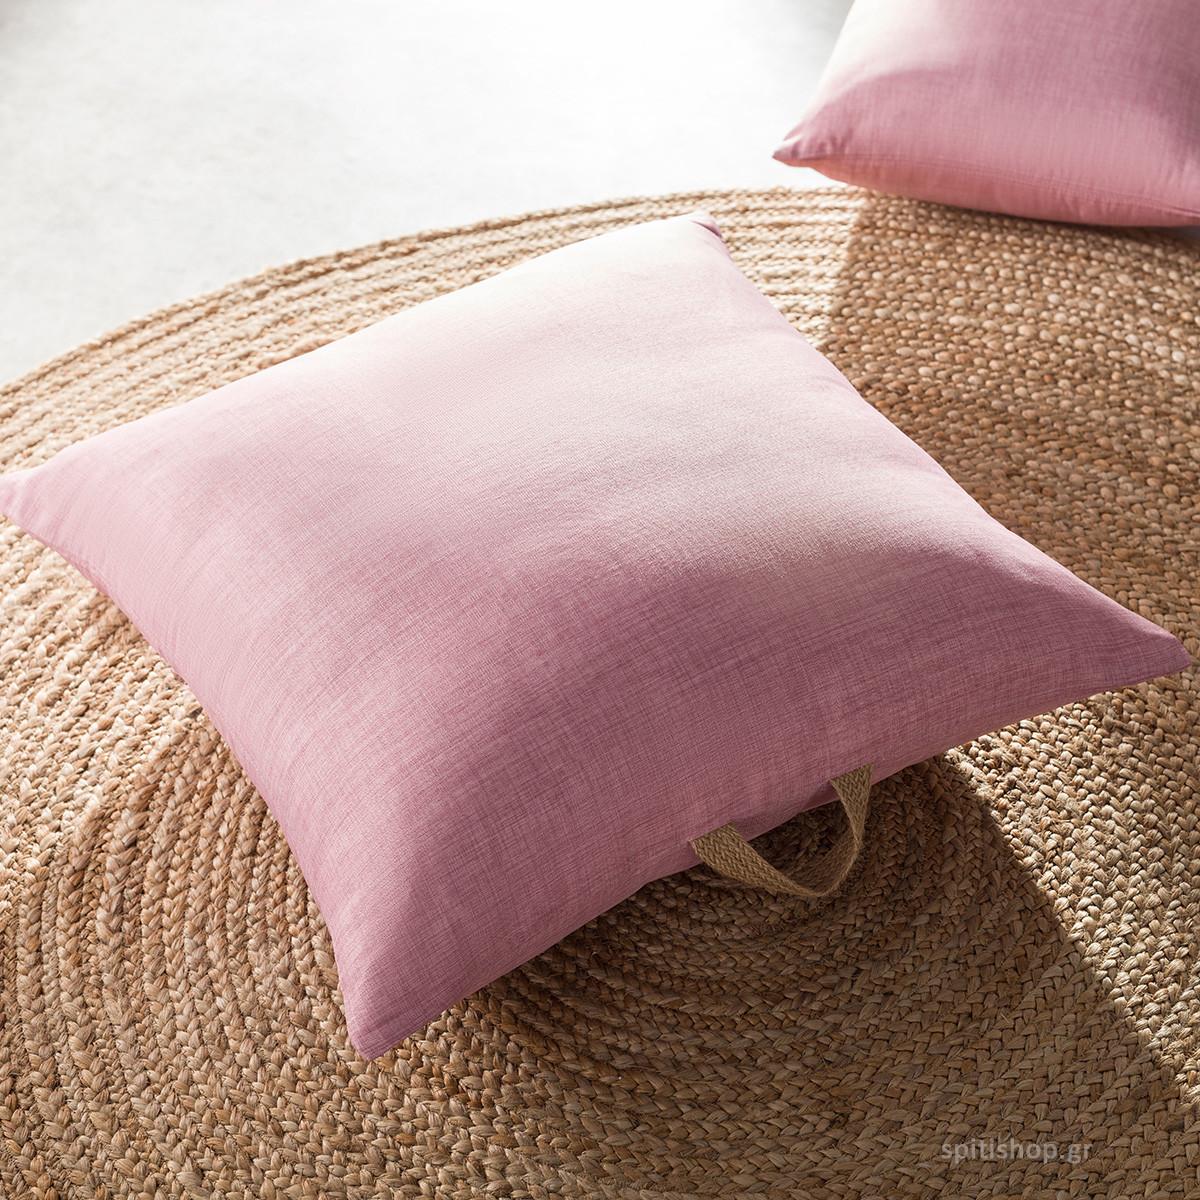 Θήκη Μαξιλάρας (65×65) Gofis Home Chrome Pink 930A/17